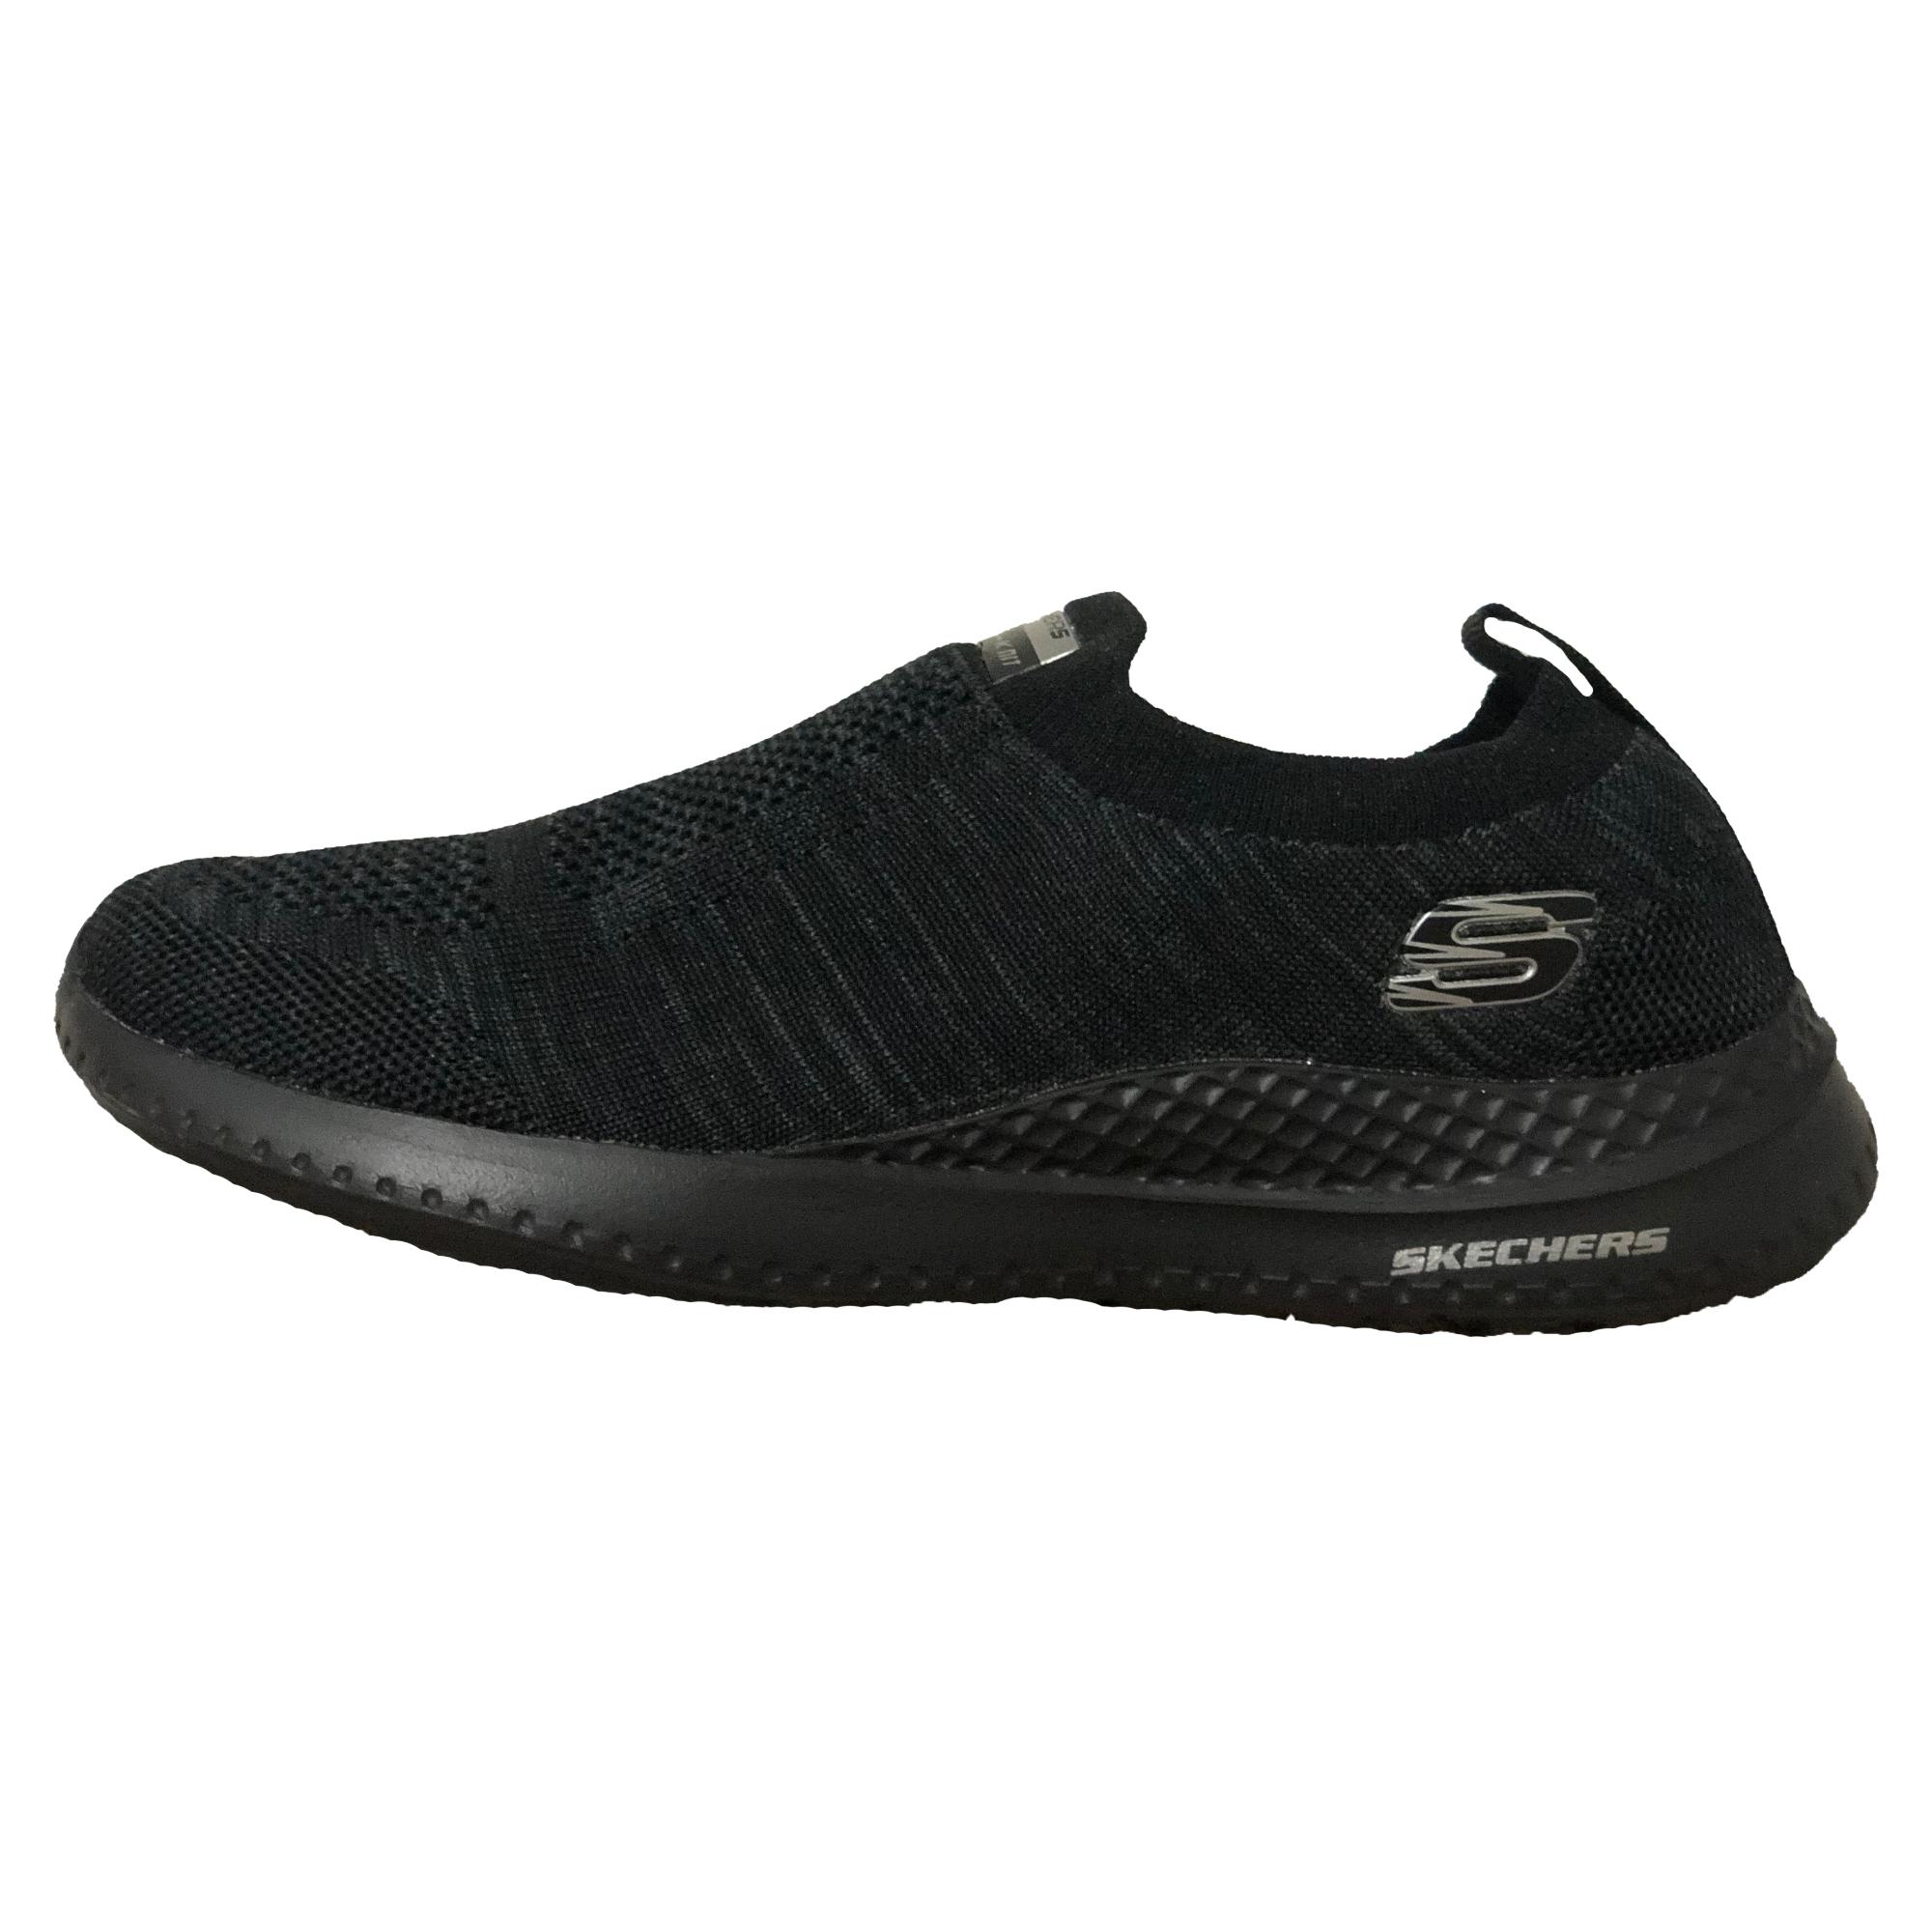 خرید                     کفش مخصوص پیاده روی زنانه اسکچرز مدل 919